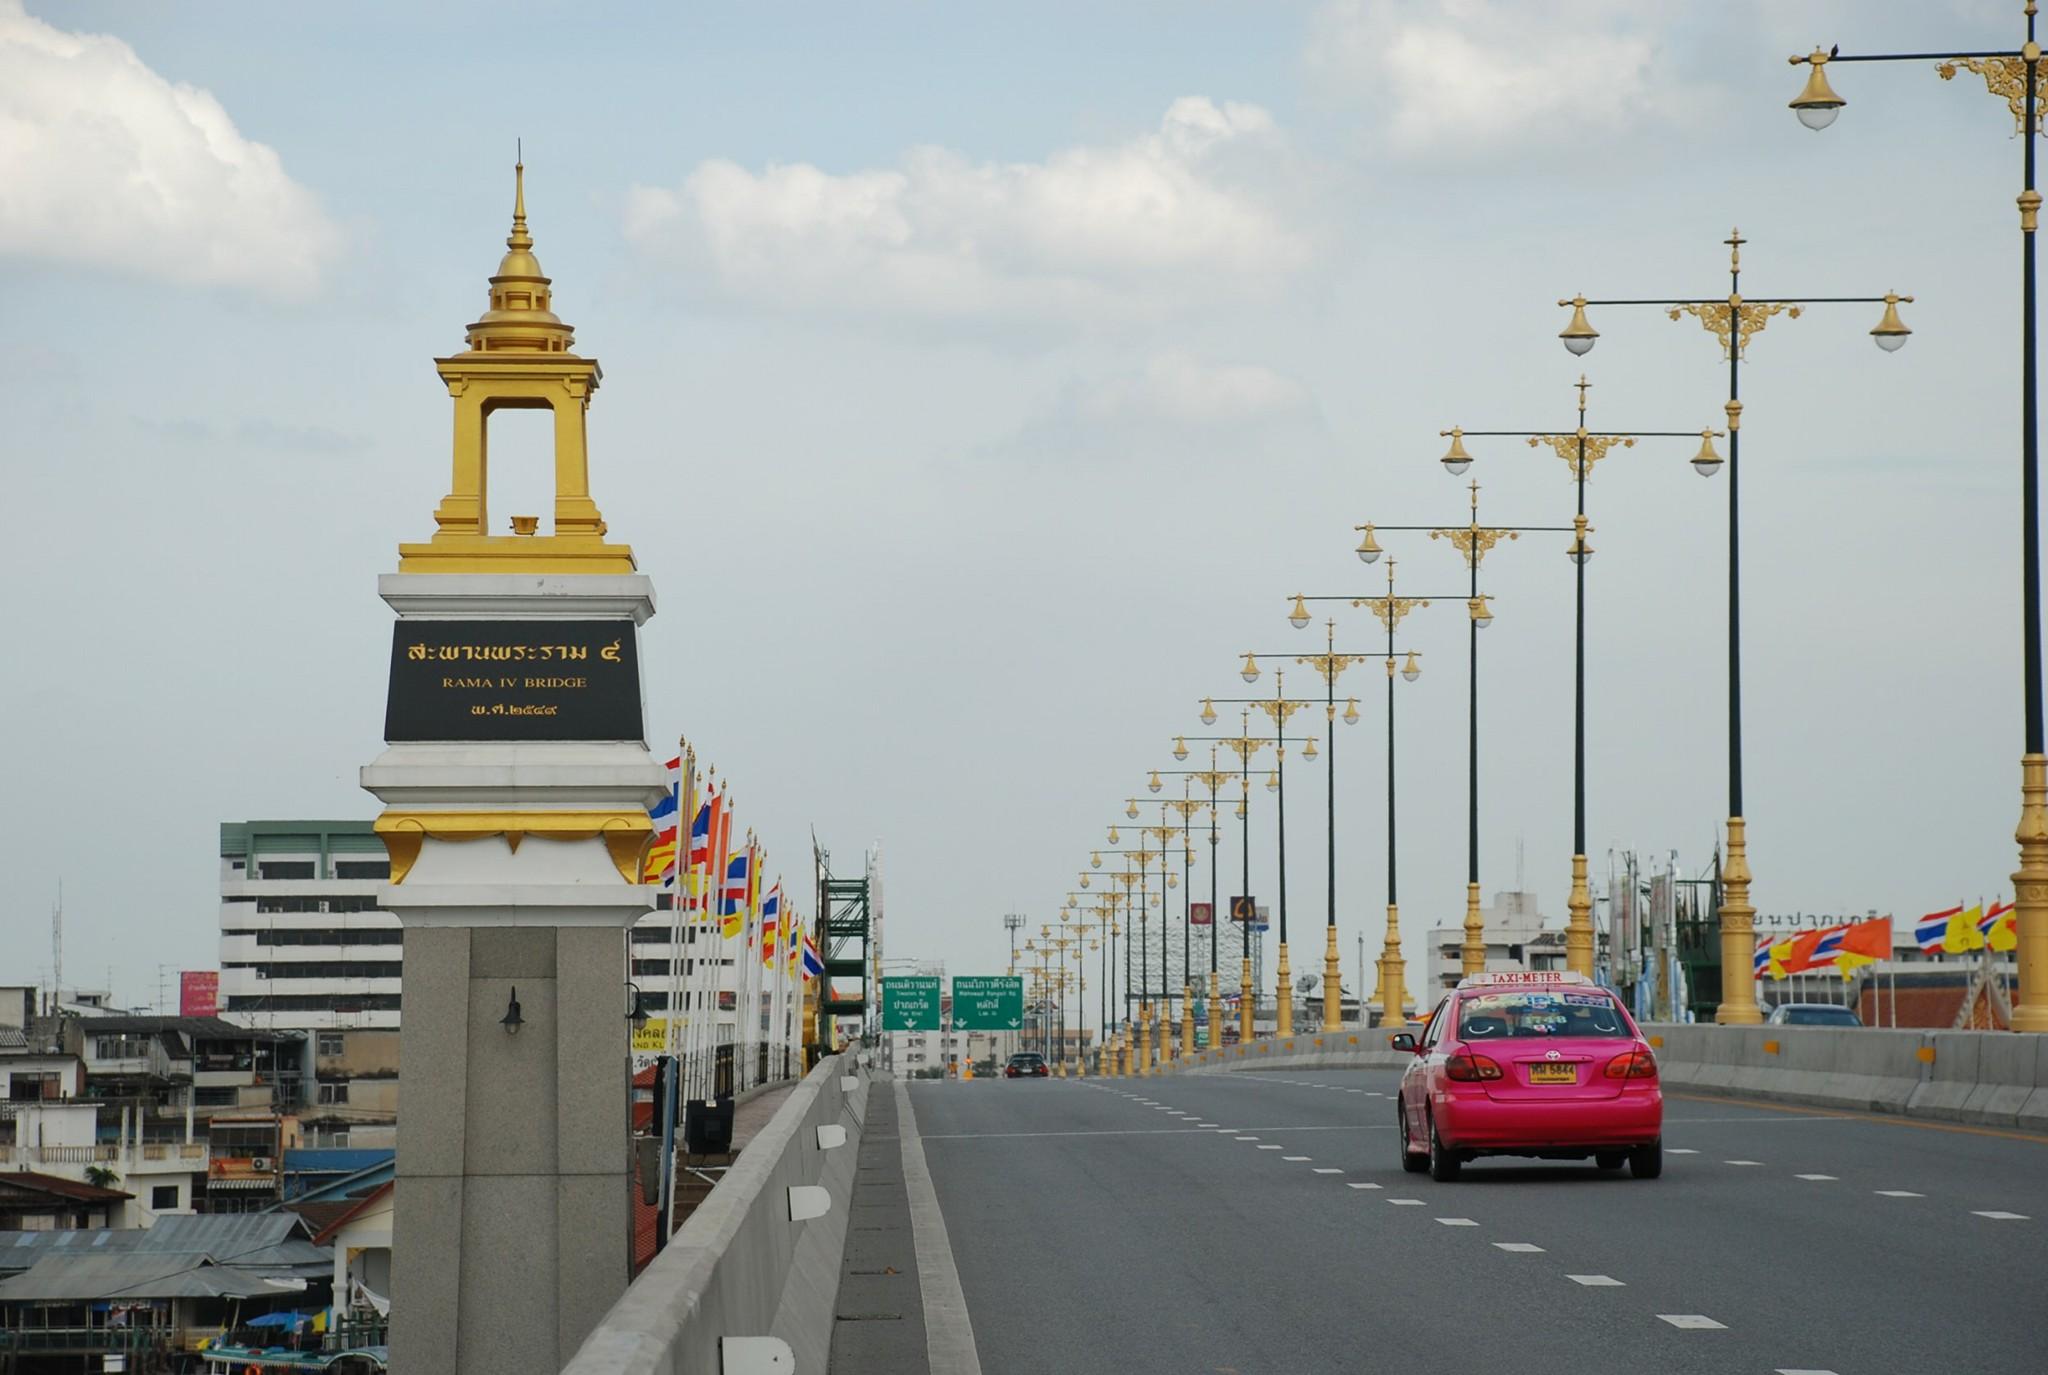 ปิดสะพานพระราม 4 คืนวันศุกร์ที่ 1 มิ.ย.61 เวลา 22.00 - 05.00น. เพื่อทดสอบการรับน้ำหนักบรรทุก